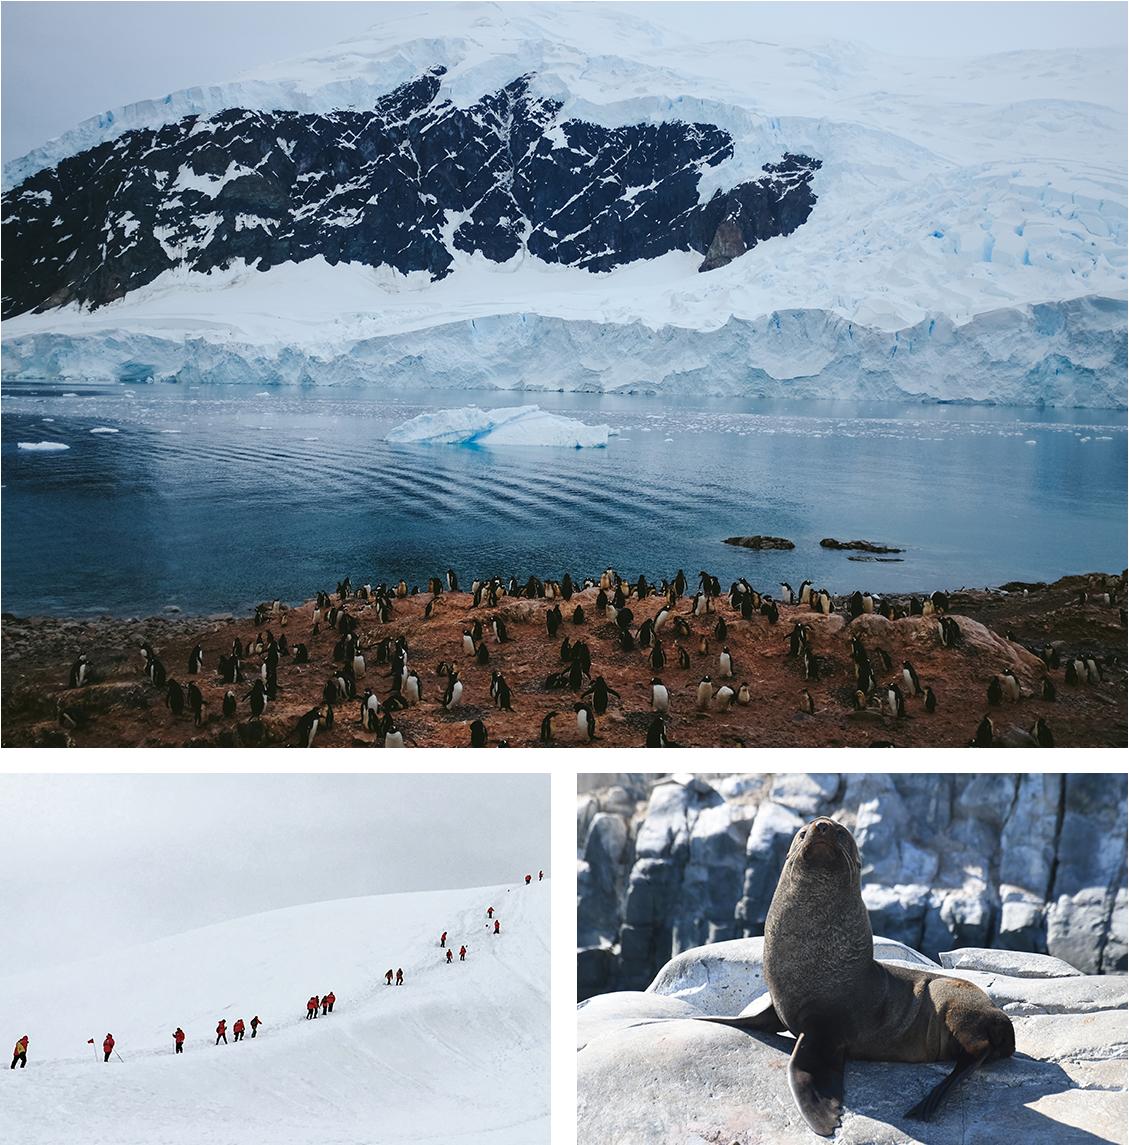 NA_Apr17_Antarctica_IMGComp07.jpg